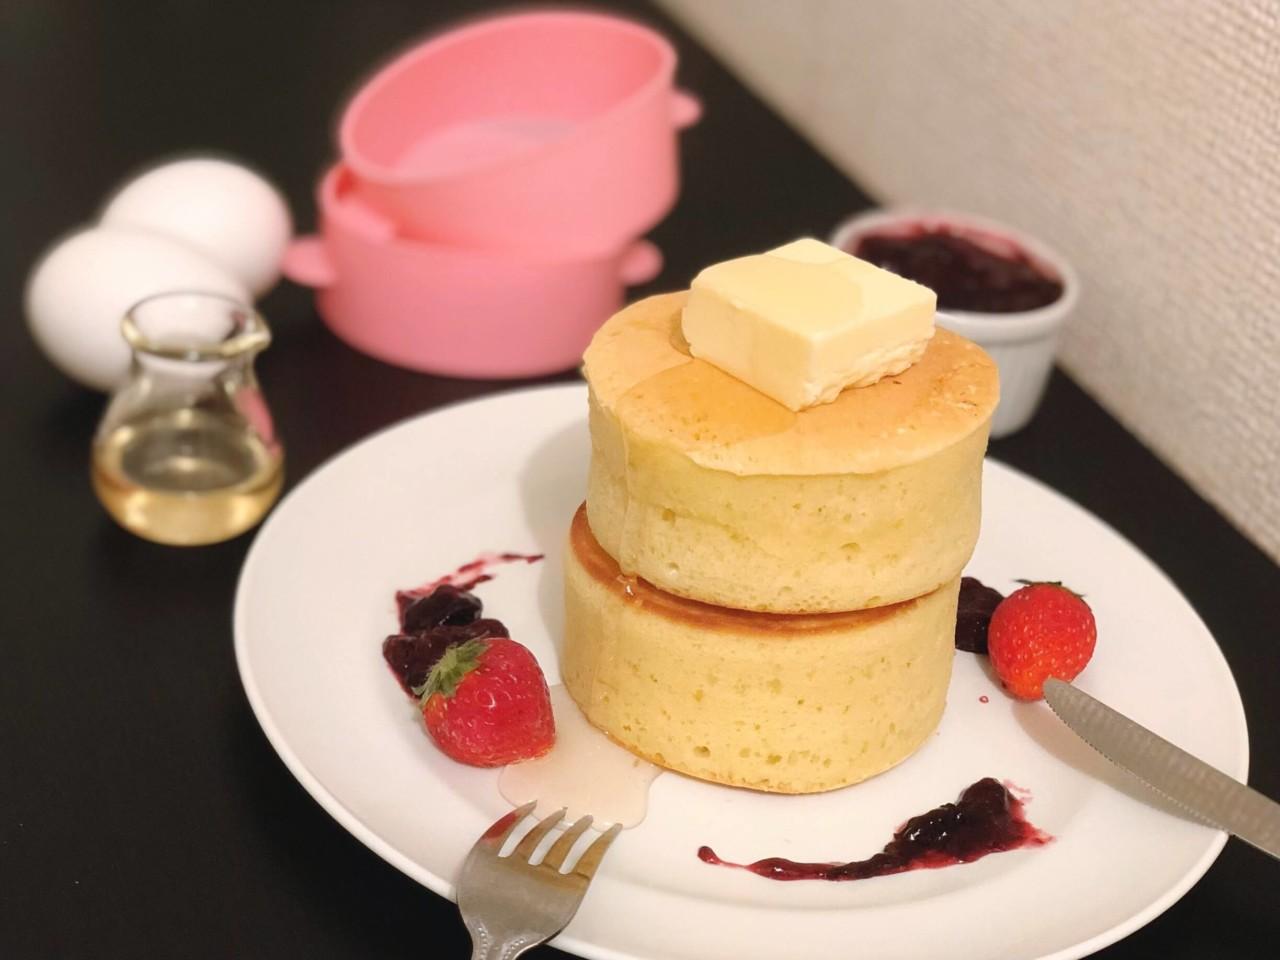 スフレ パン ケーキ ホット ケーキ ミックス 型 なし